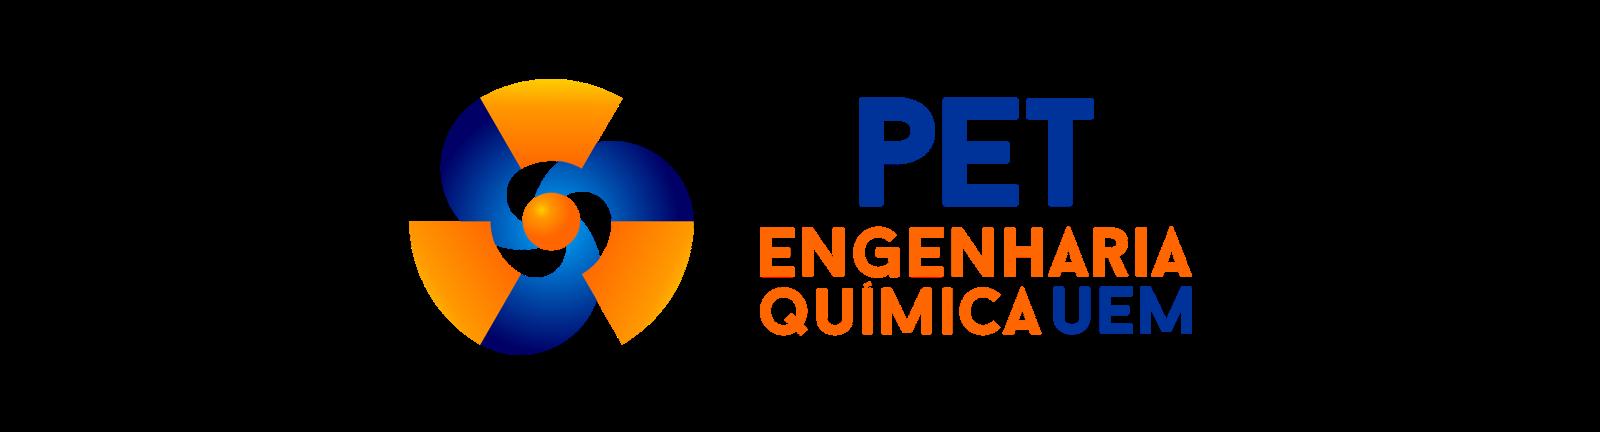 PET Engenharia Química - UEM